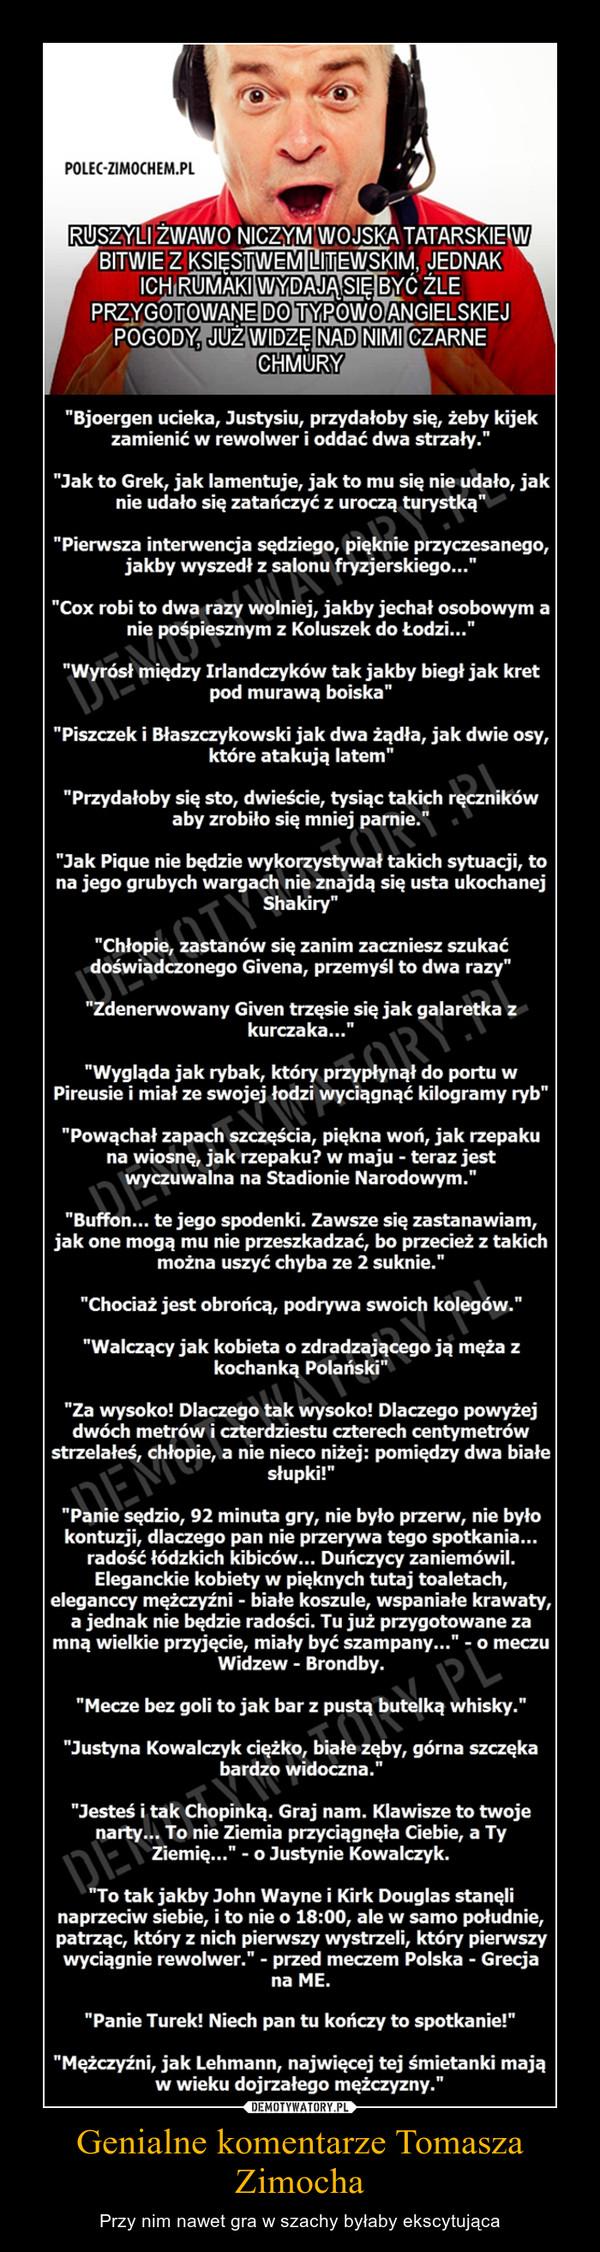 Genialne komentarze Tomasza Zimocha – Przy nim nawet gra w szachy byłaby ekscytująca